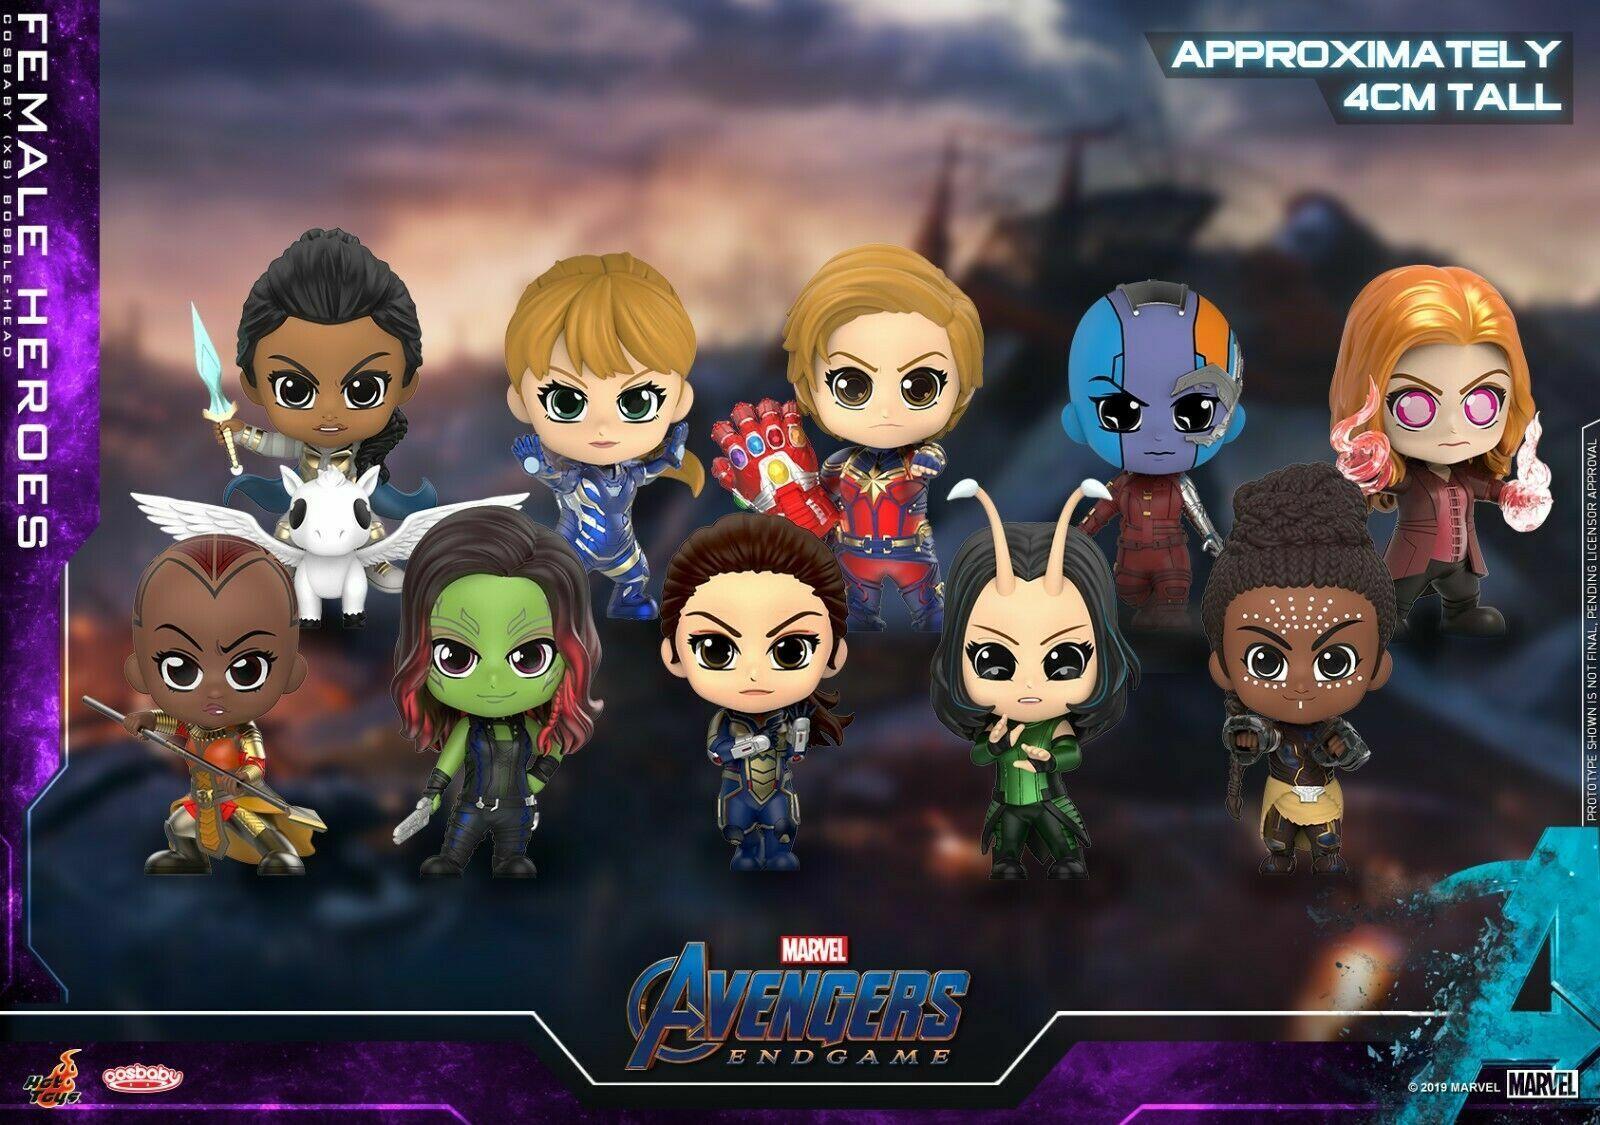 4CM caliente giocattoli Avengers Endgioco Heroine Suit COSbambino COSB682  cifra modellolo giocattoli